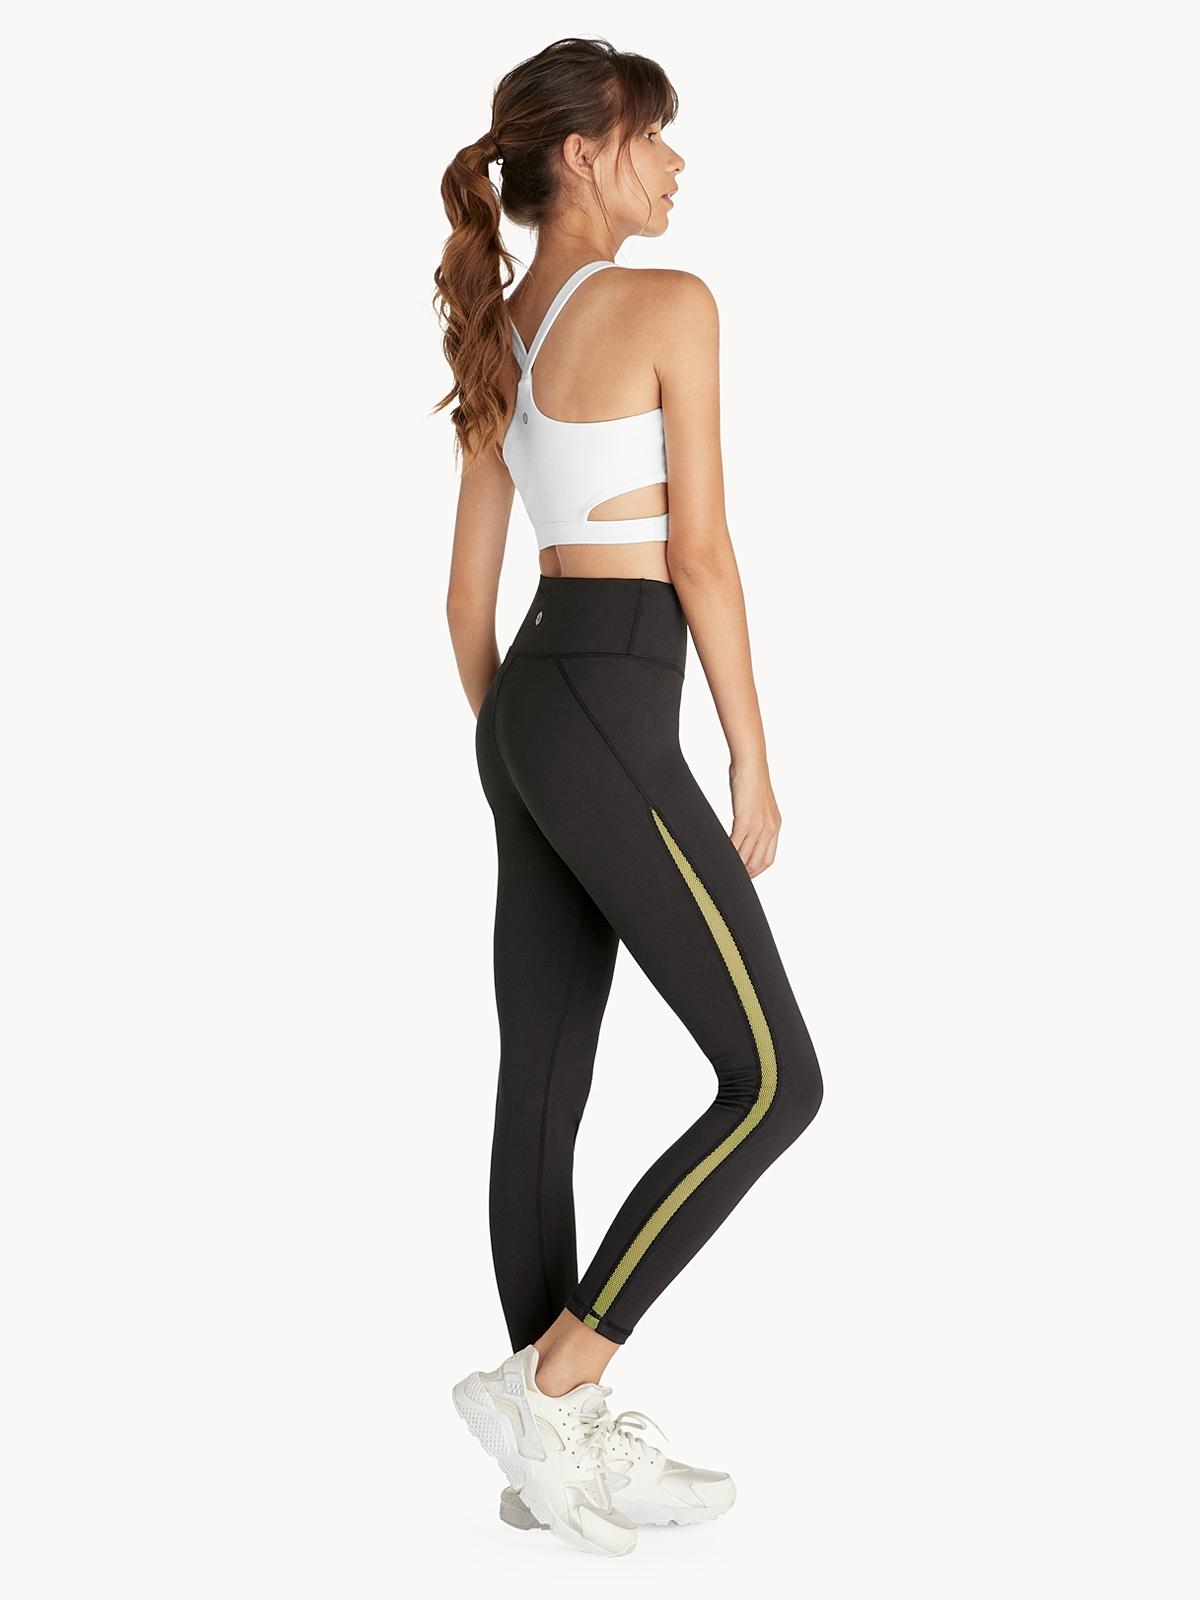 736ae5bb6a834 New Sportswear - Pomelo Fashion